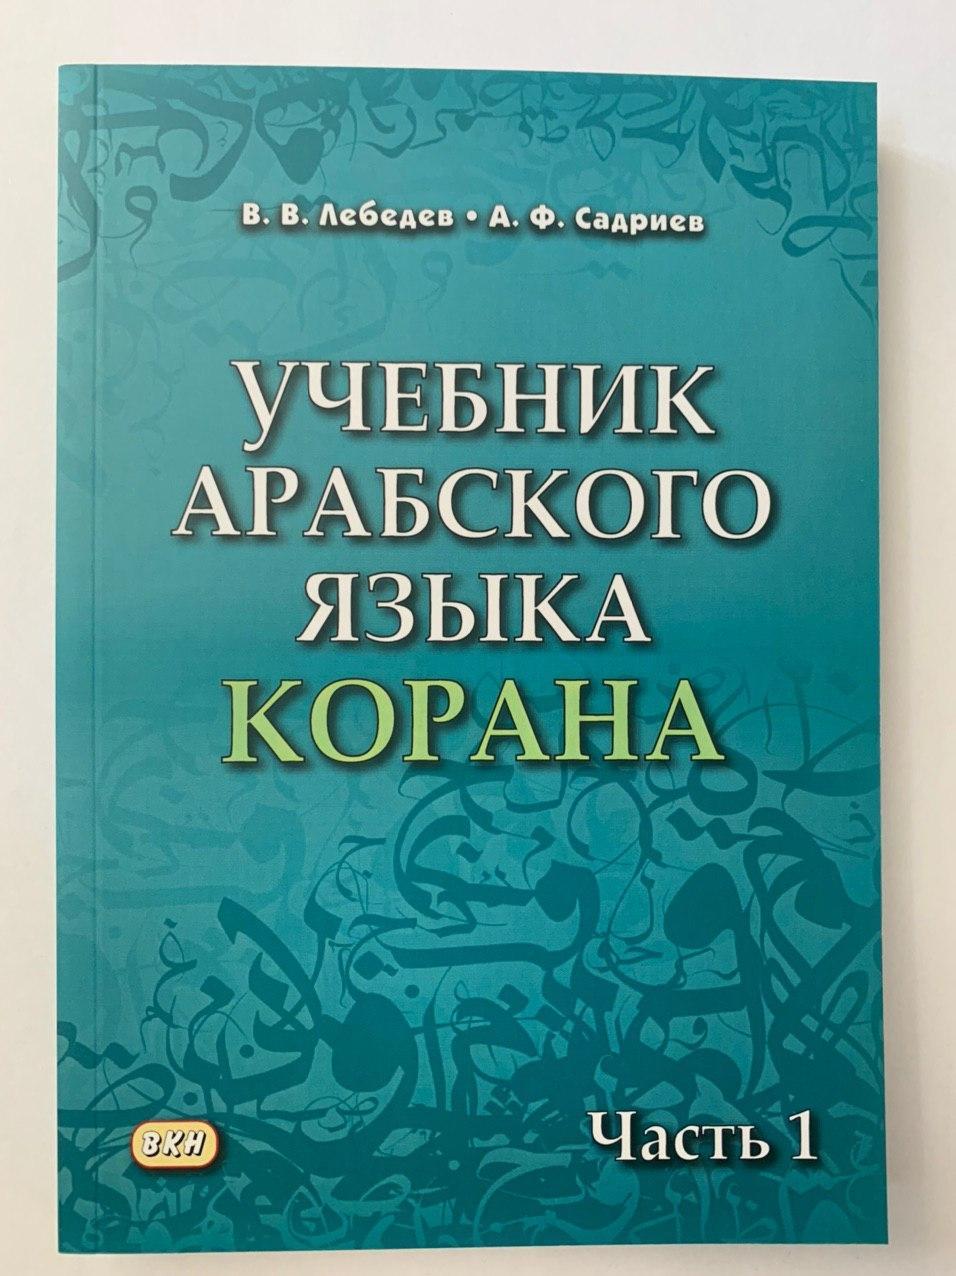 Учебник арабского языка Лебедев